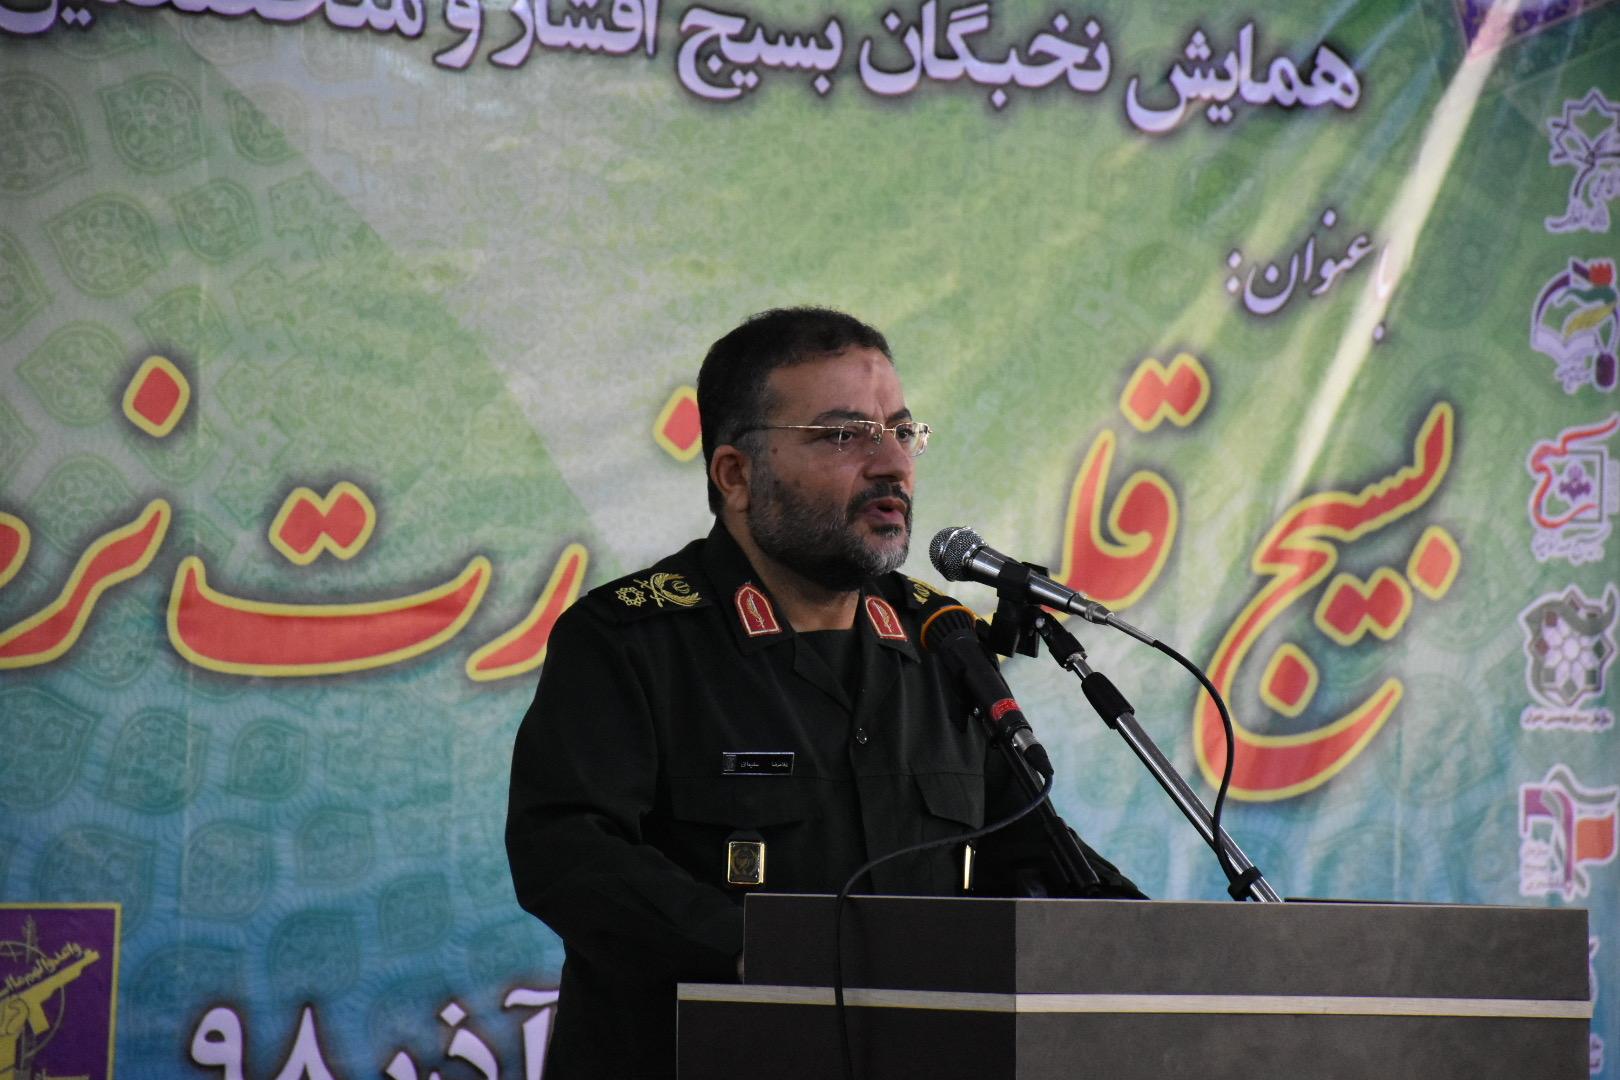 انقلاب اسلامی مسیر عالم را متحول کرده است /اولویت بسیج خدمت رسانی به مردم است